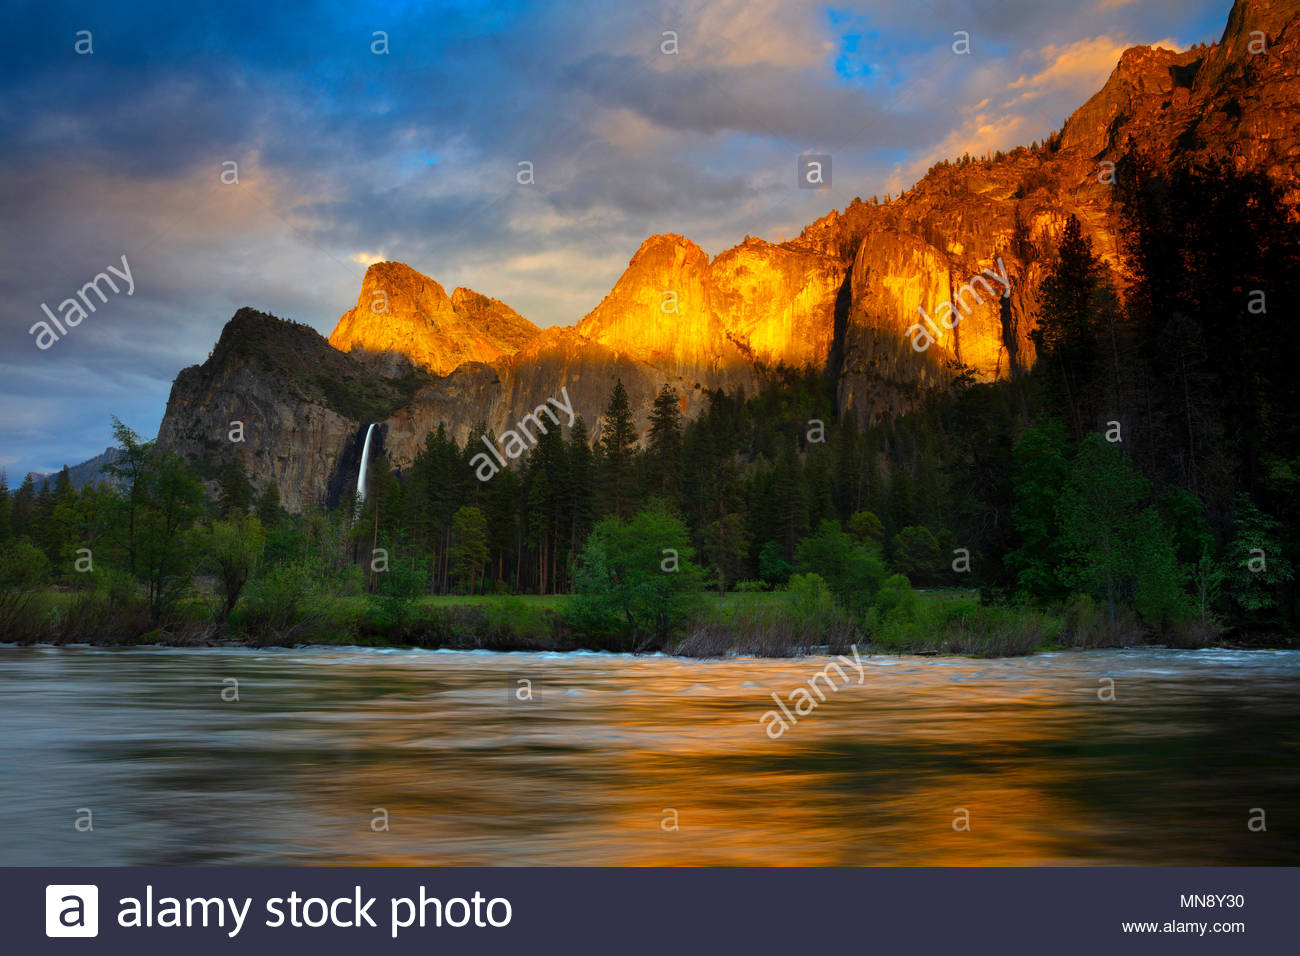 La luz dorada del sol se refleja en varios picos de Yosemite, incluyendo la Torre Inclinada y el punto de Dewey, en el río Merced en el Valley View en Y. Imagen De Stock